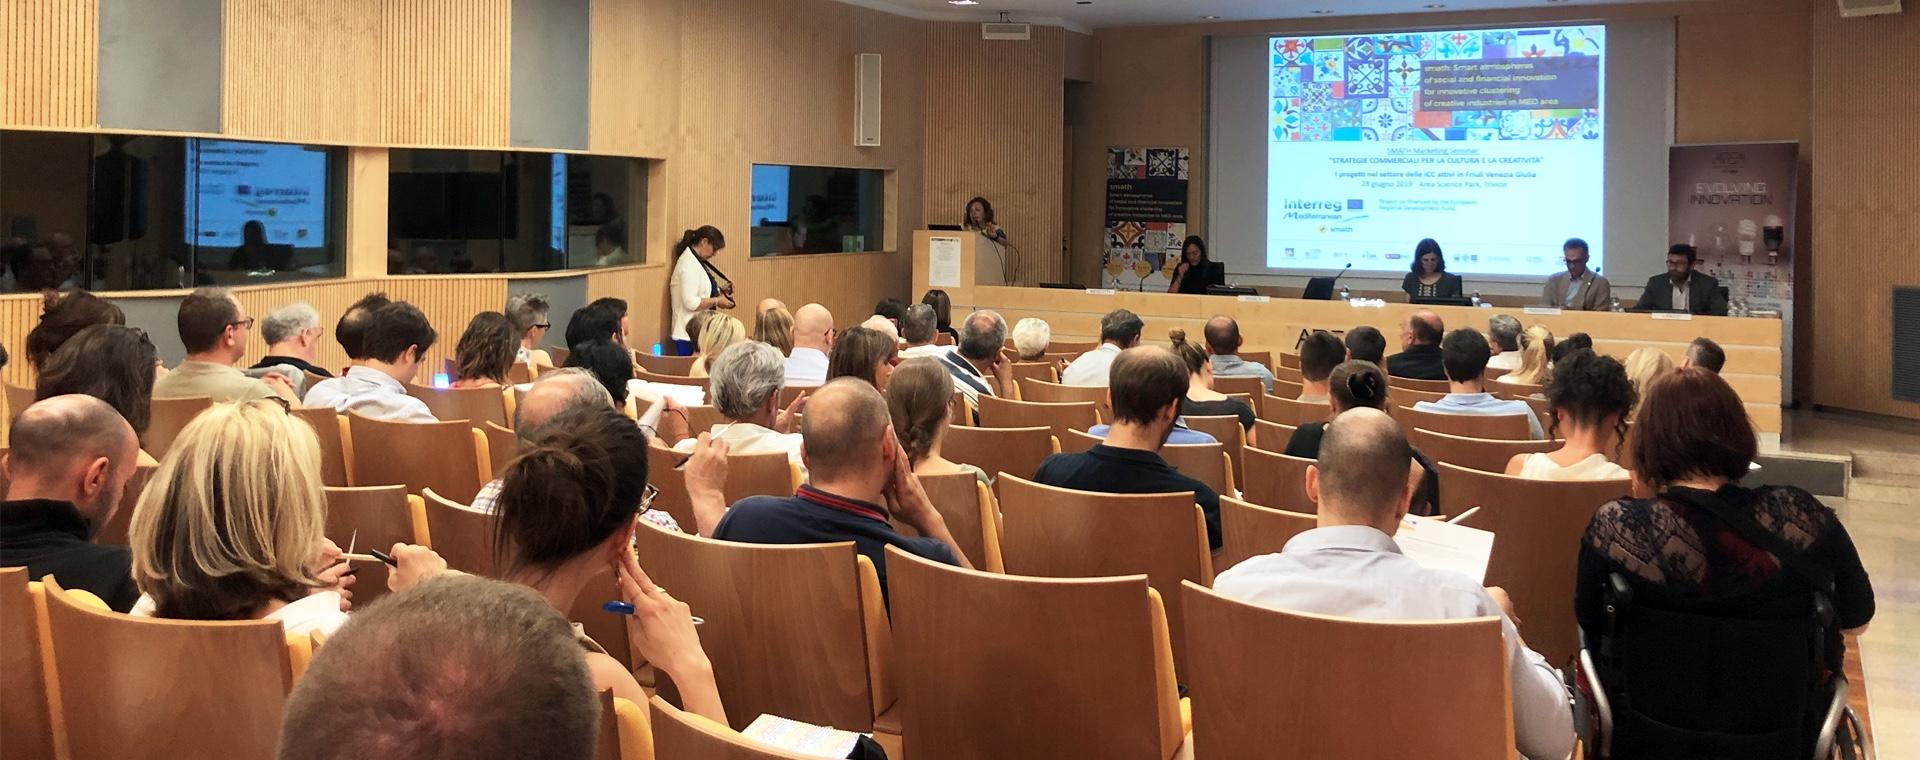 Imprese tradizionali e startup culturali e creative in FVG: una collaborazione che genera valore